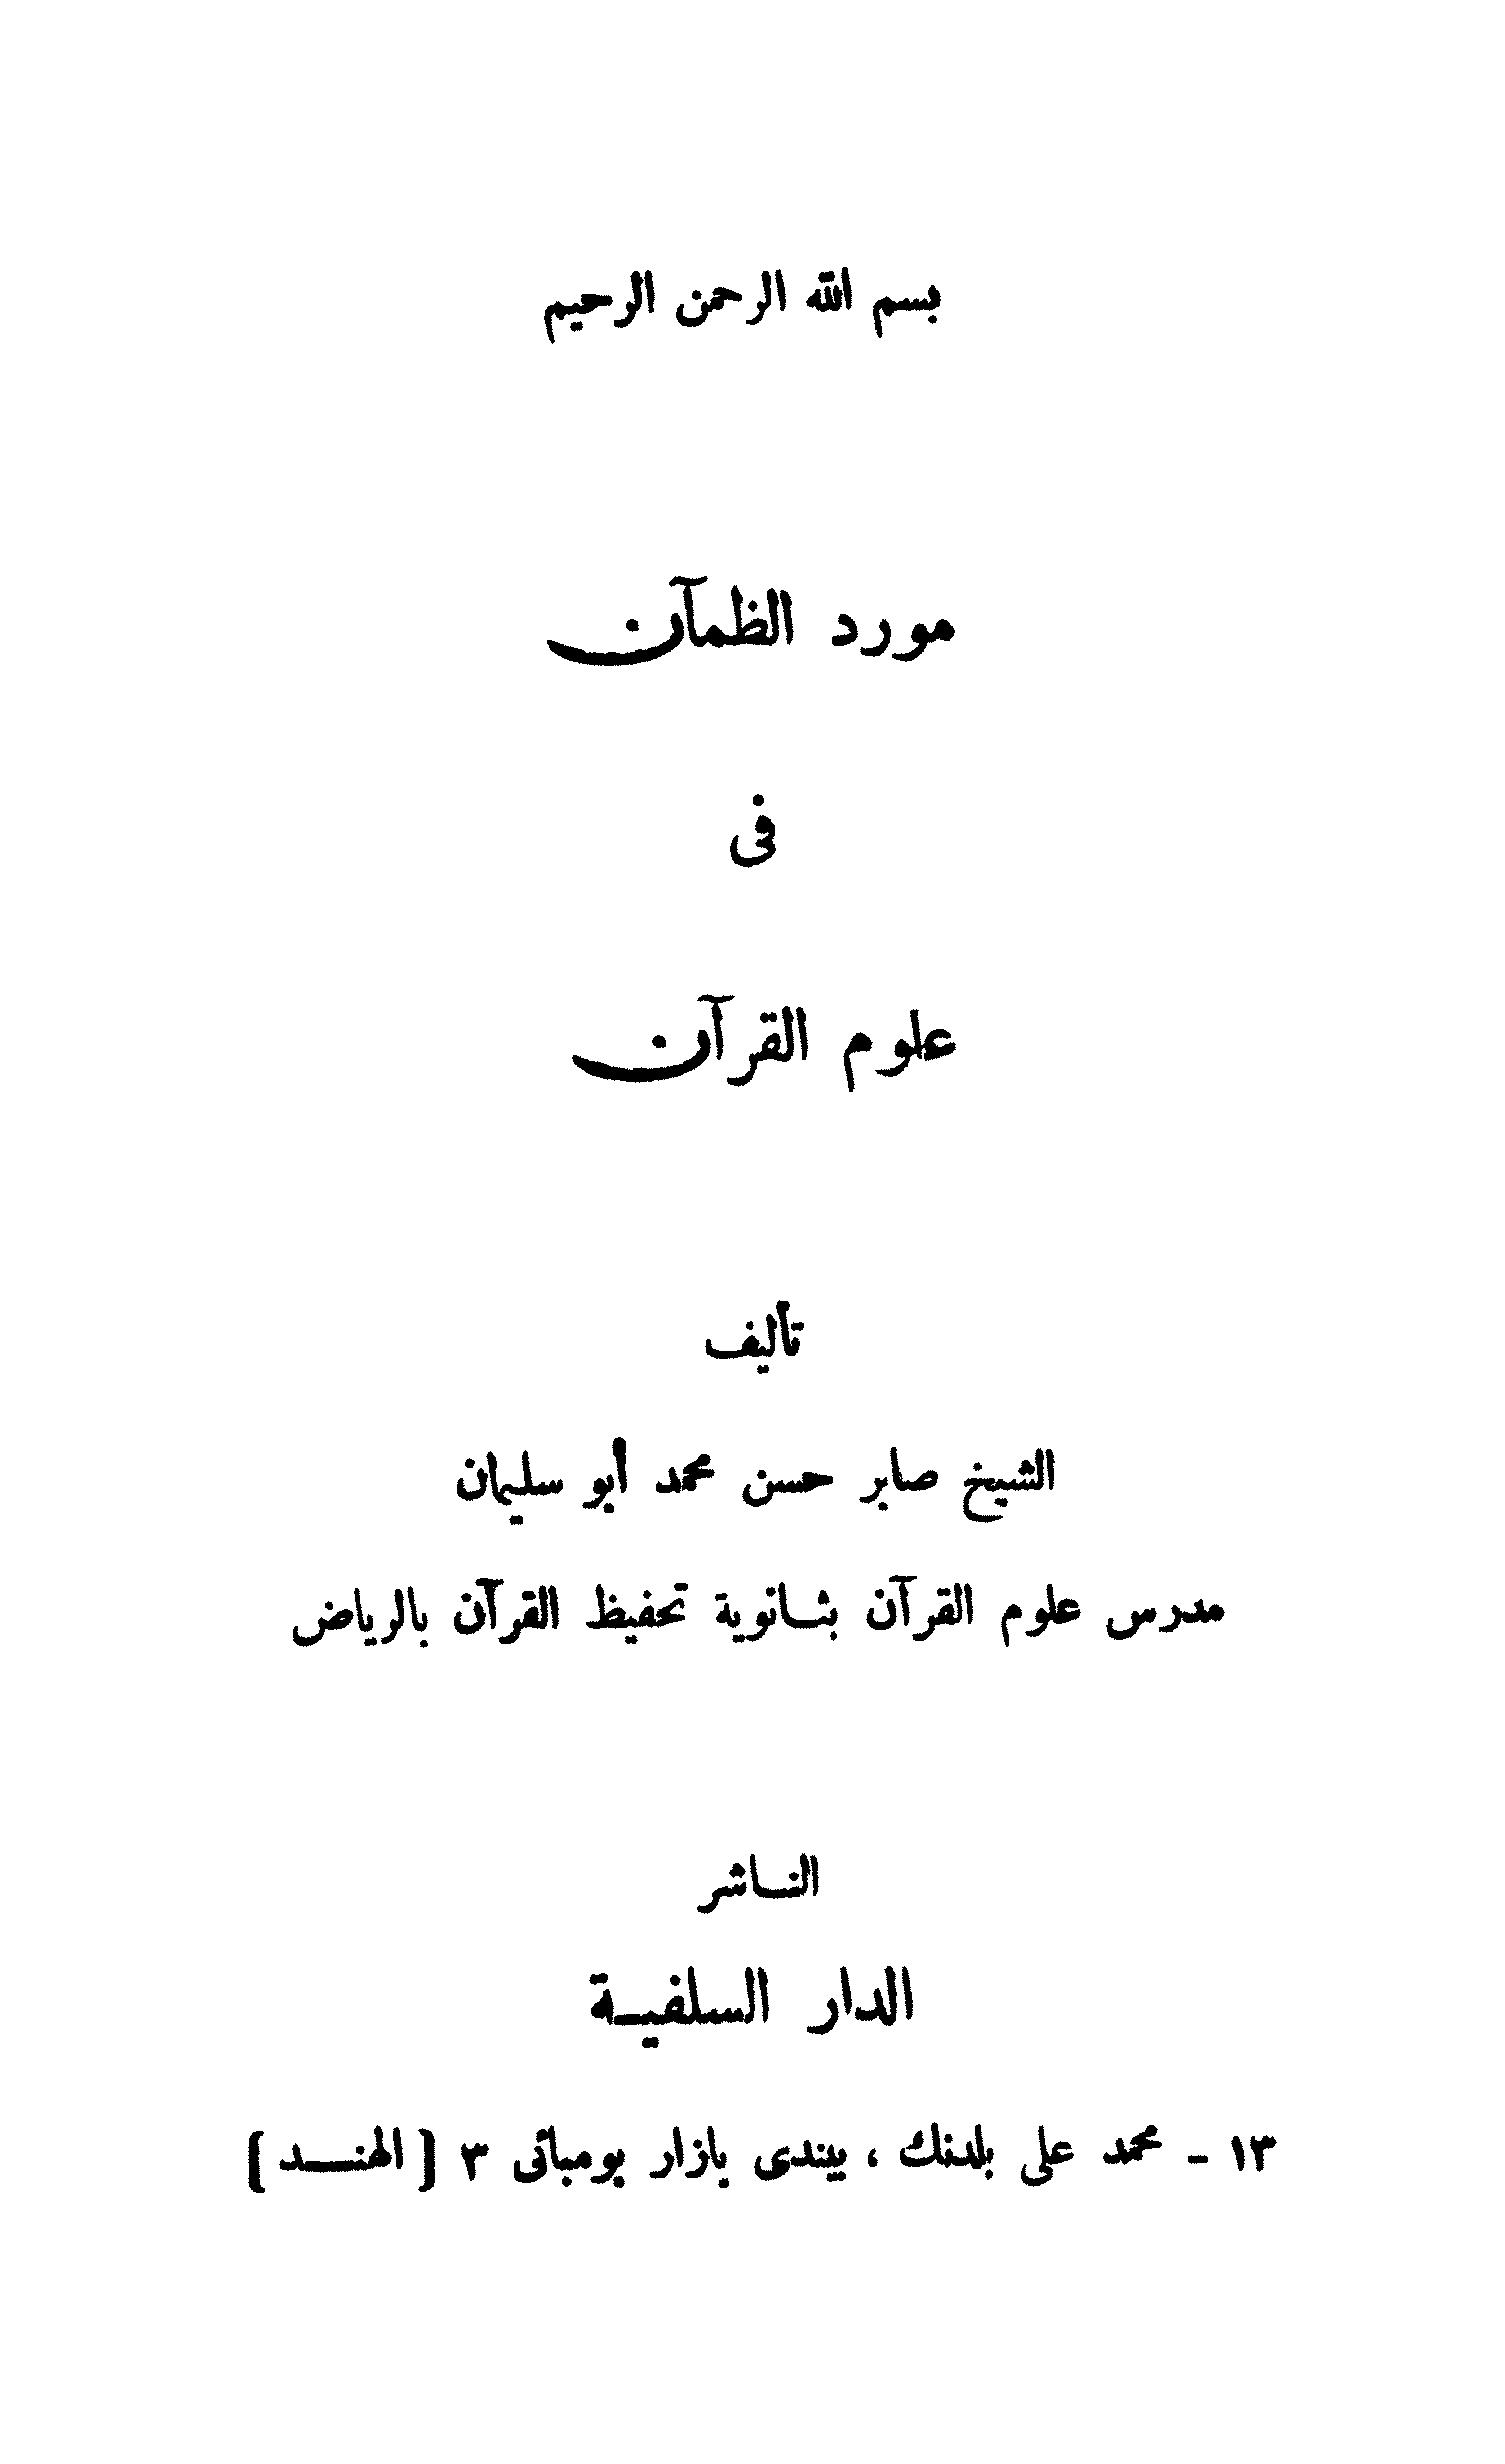 تحميل كتاب مورد الظمآن في علوم القرآن لـِ: الشيخ صابر حسن محمد أبو سليمان